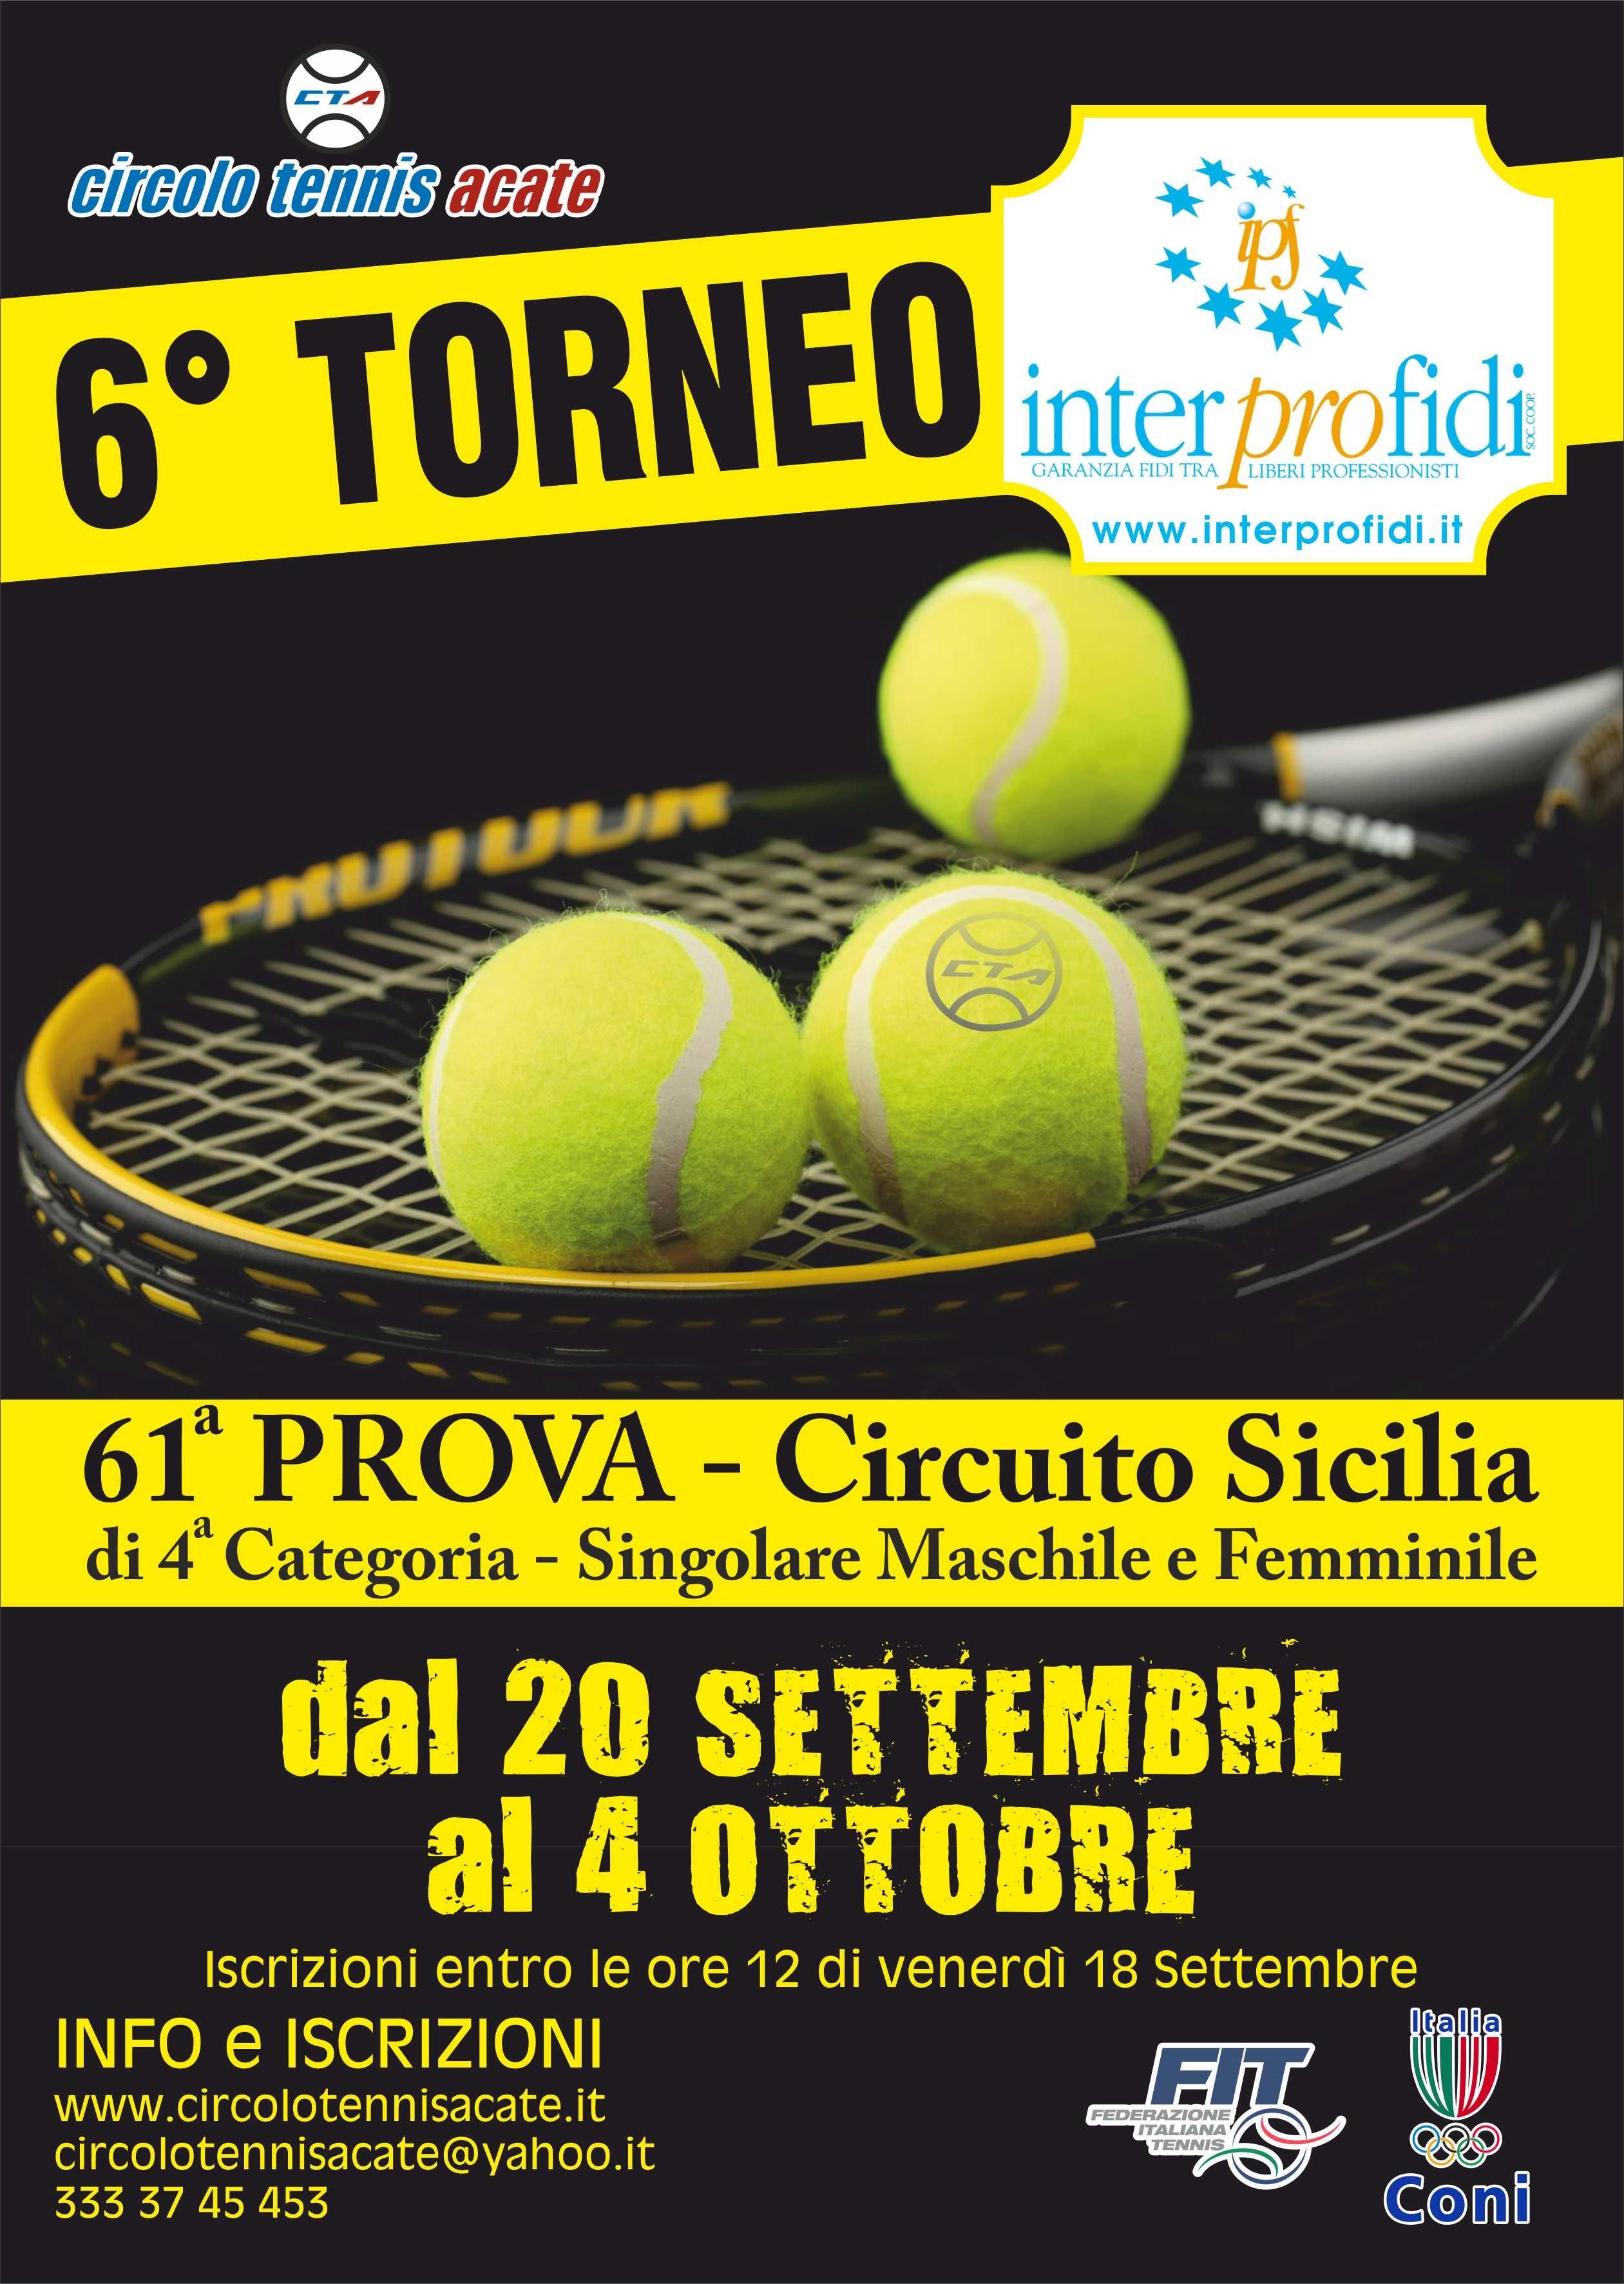 """Acate. Sesta Edizione del Torneo """"Interprofidi di Tennis"""" al Circolo del Tennis di Acate, dal 20 settembre al 4 ottobre."""